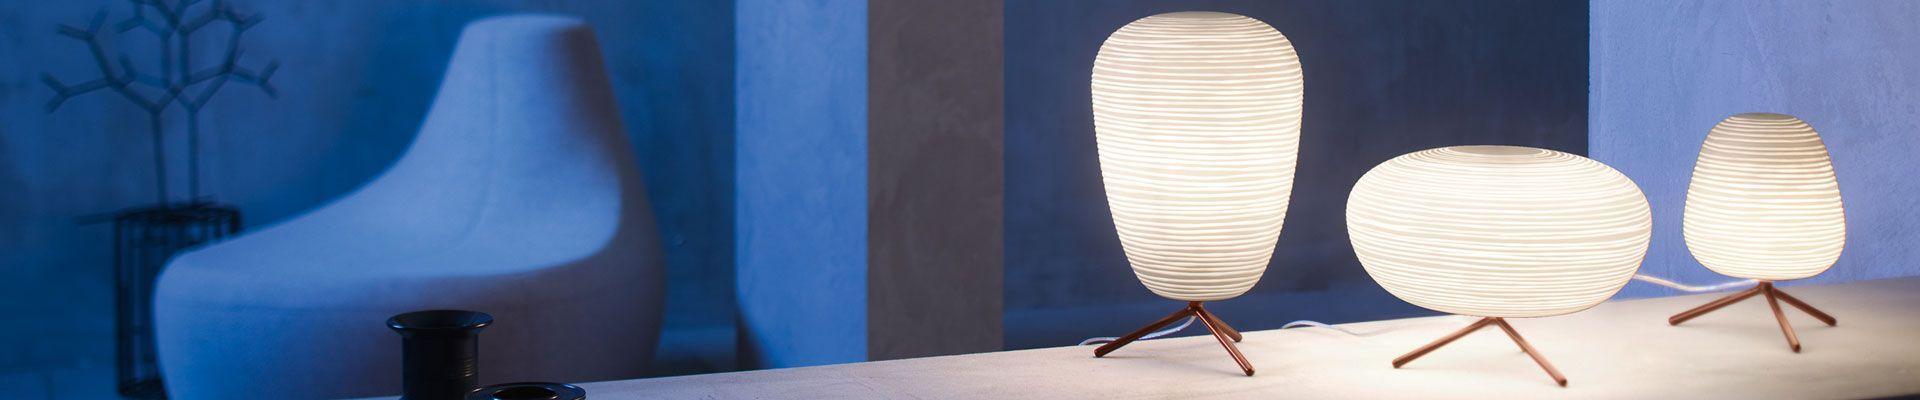 4 x Lichteffecten: van direct tot diffuus licht